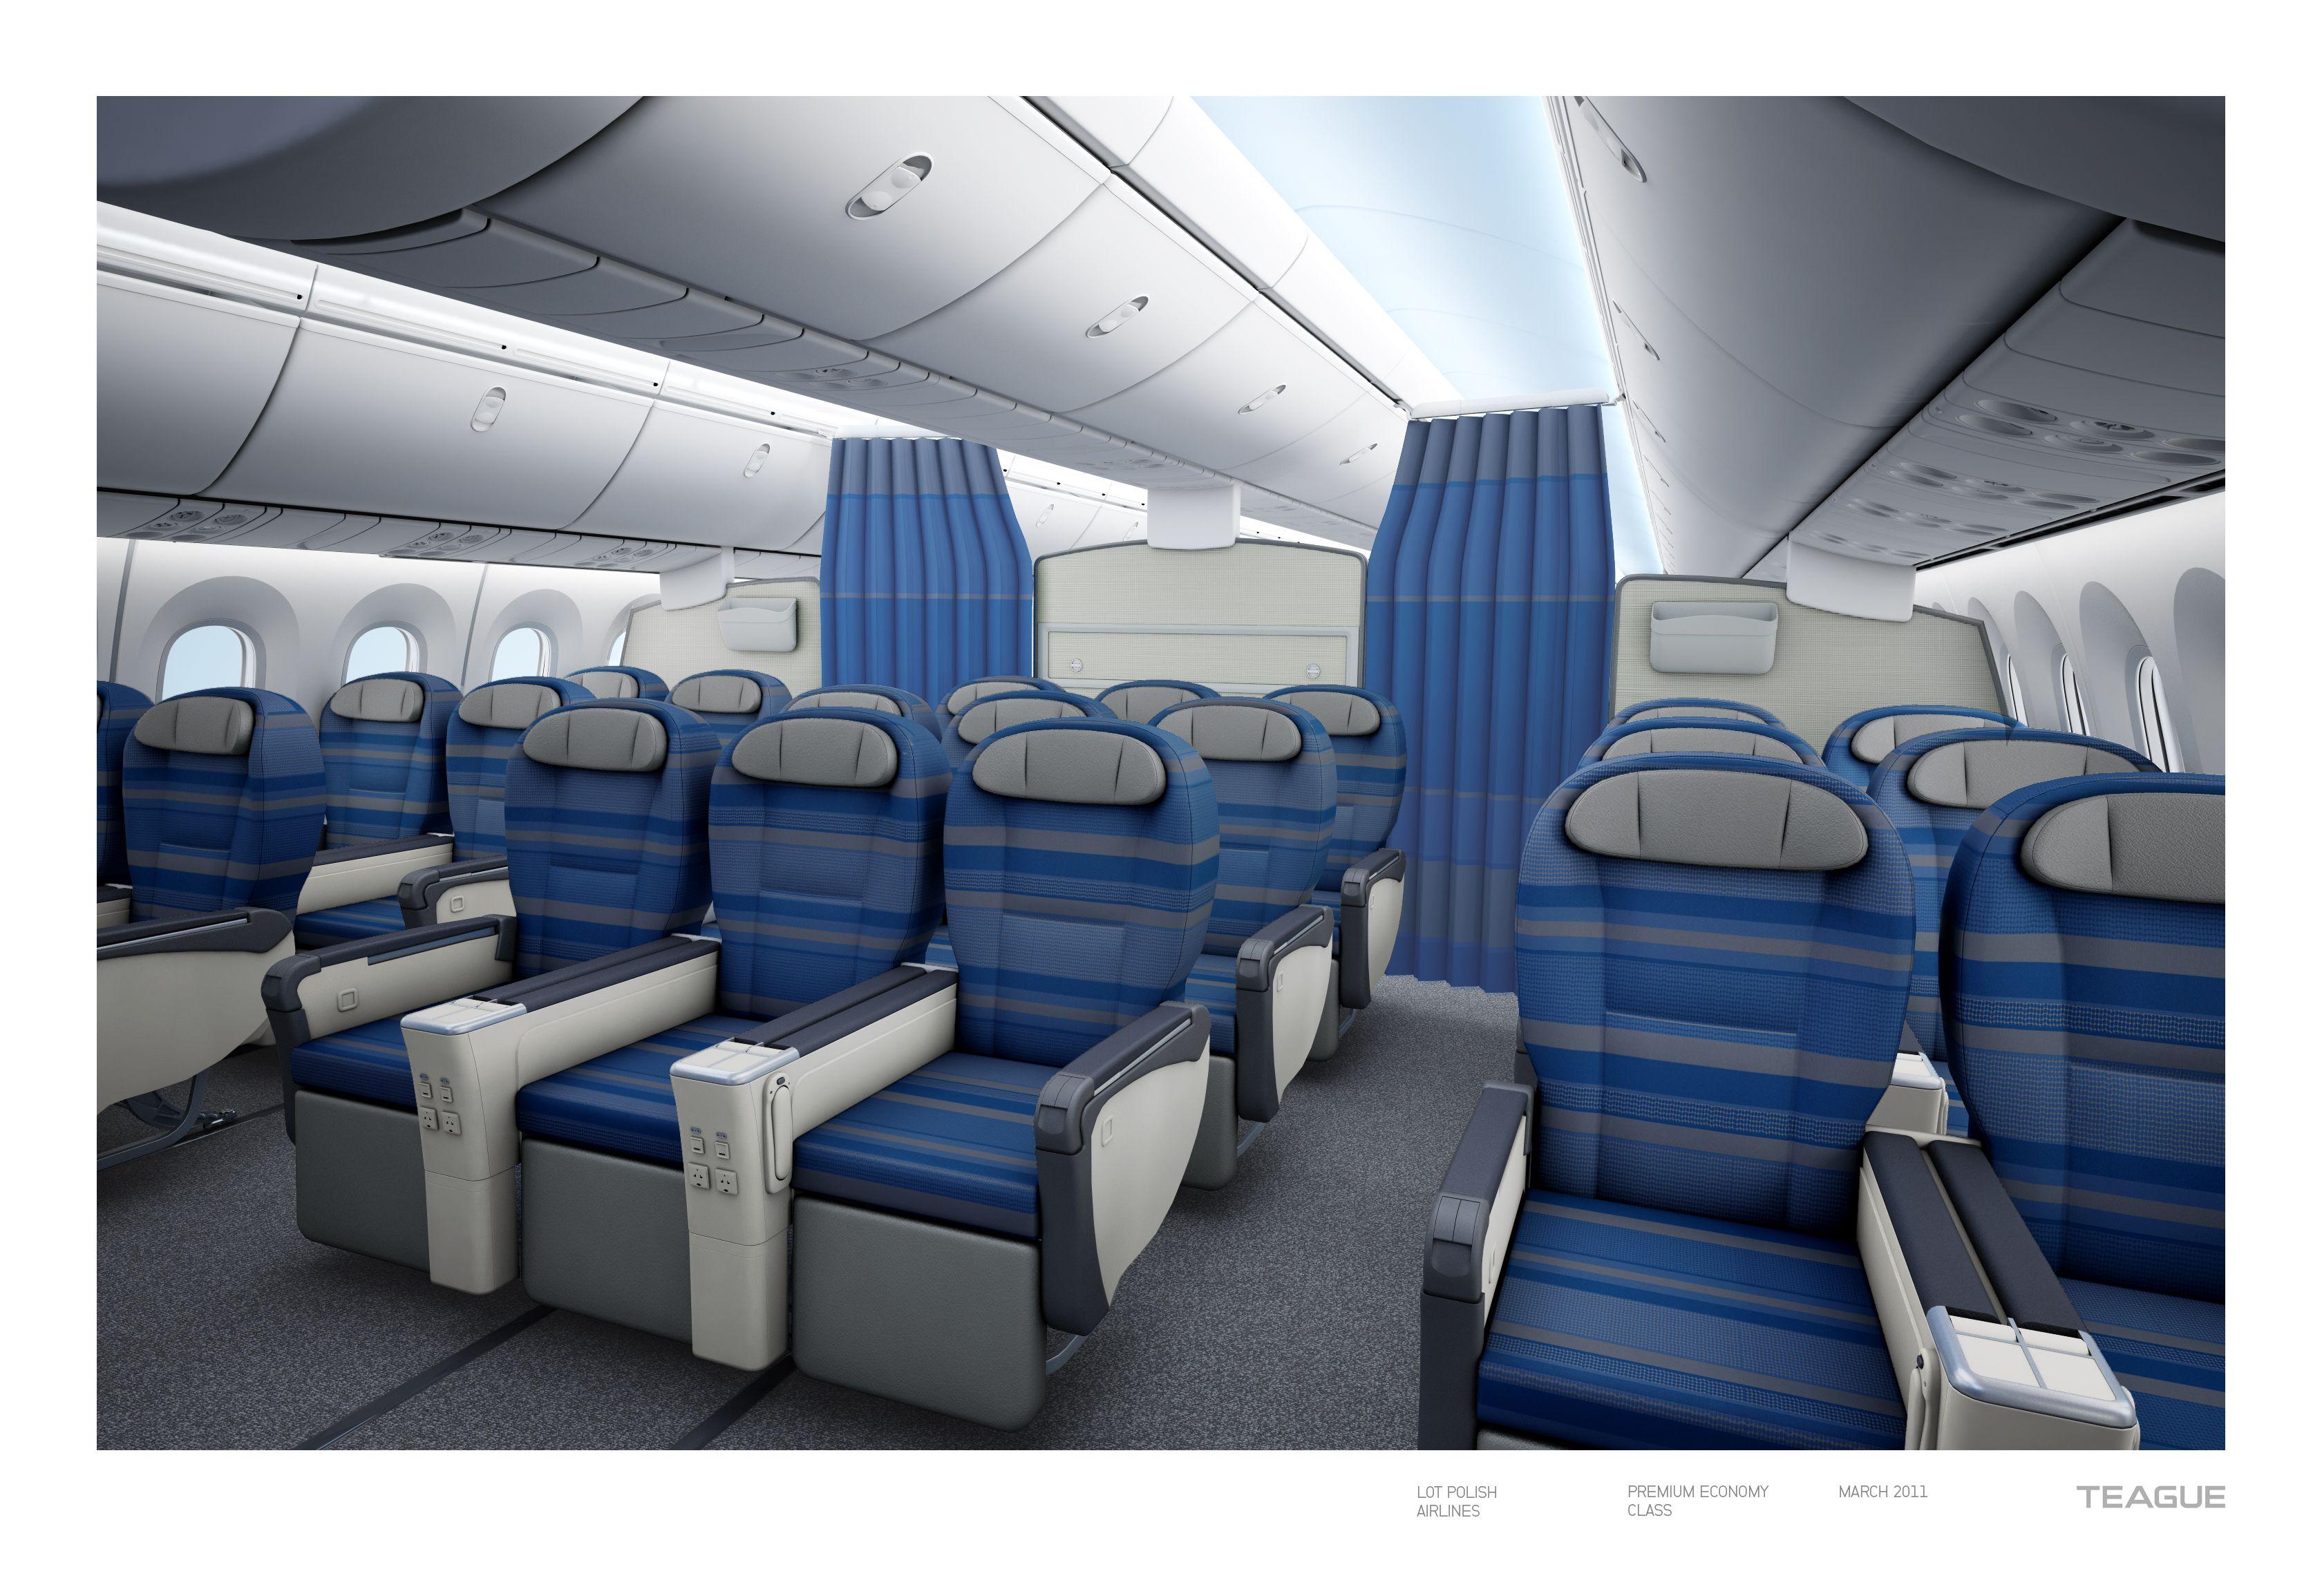 Lot 787 Premium Economy Airplane interior, Boeing 787